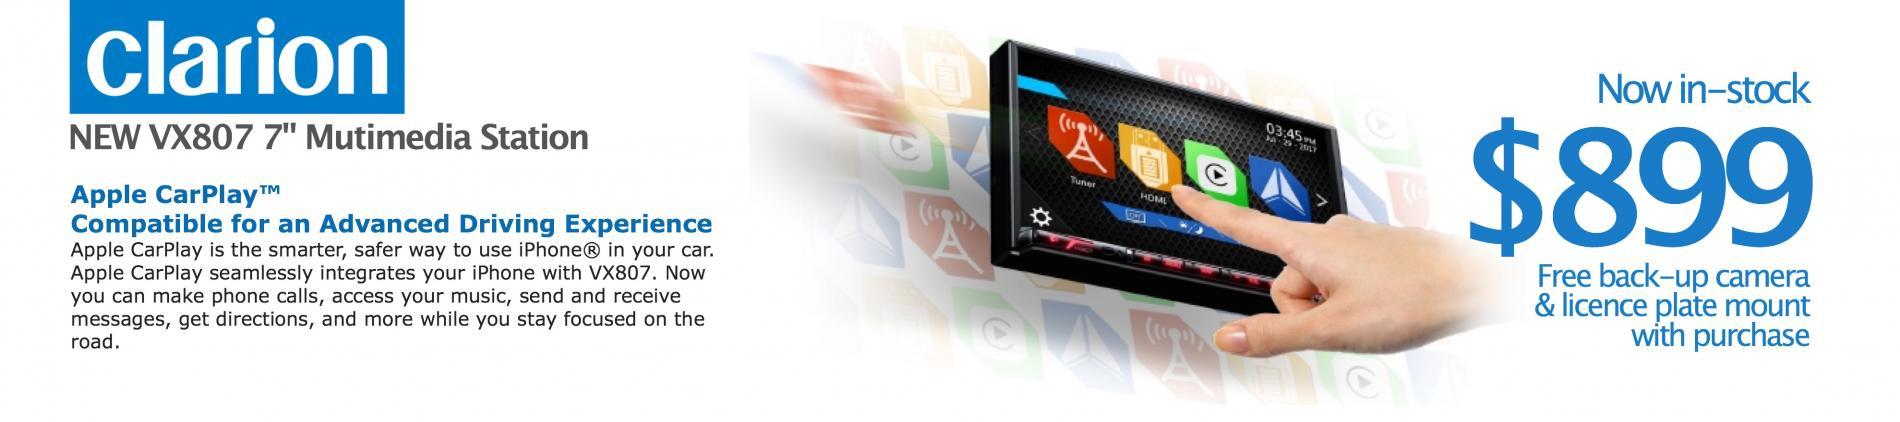 Clarion VX807 SALE!